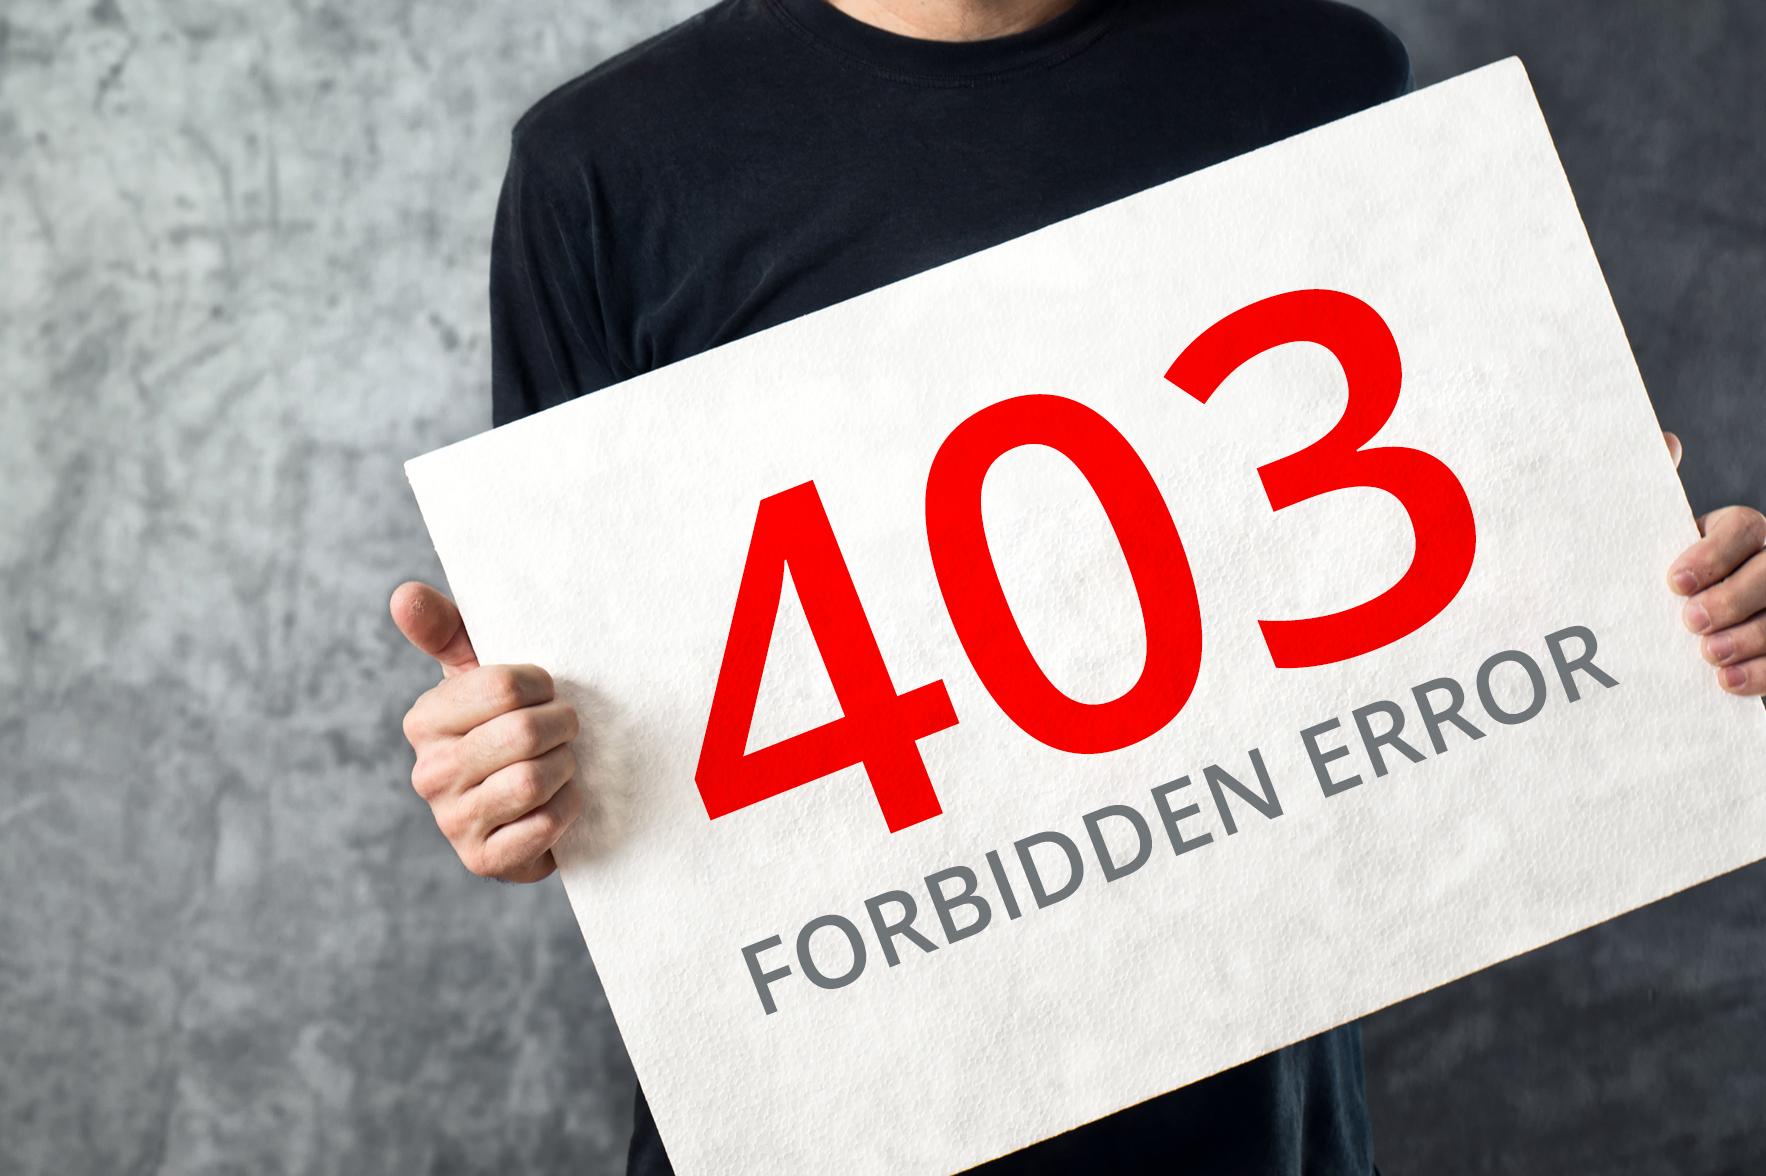 Картинки по запросу Ошибка 403 - почему она появляется?